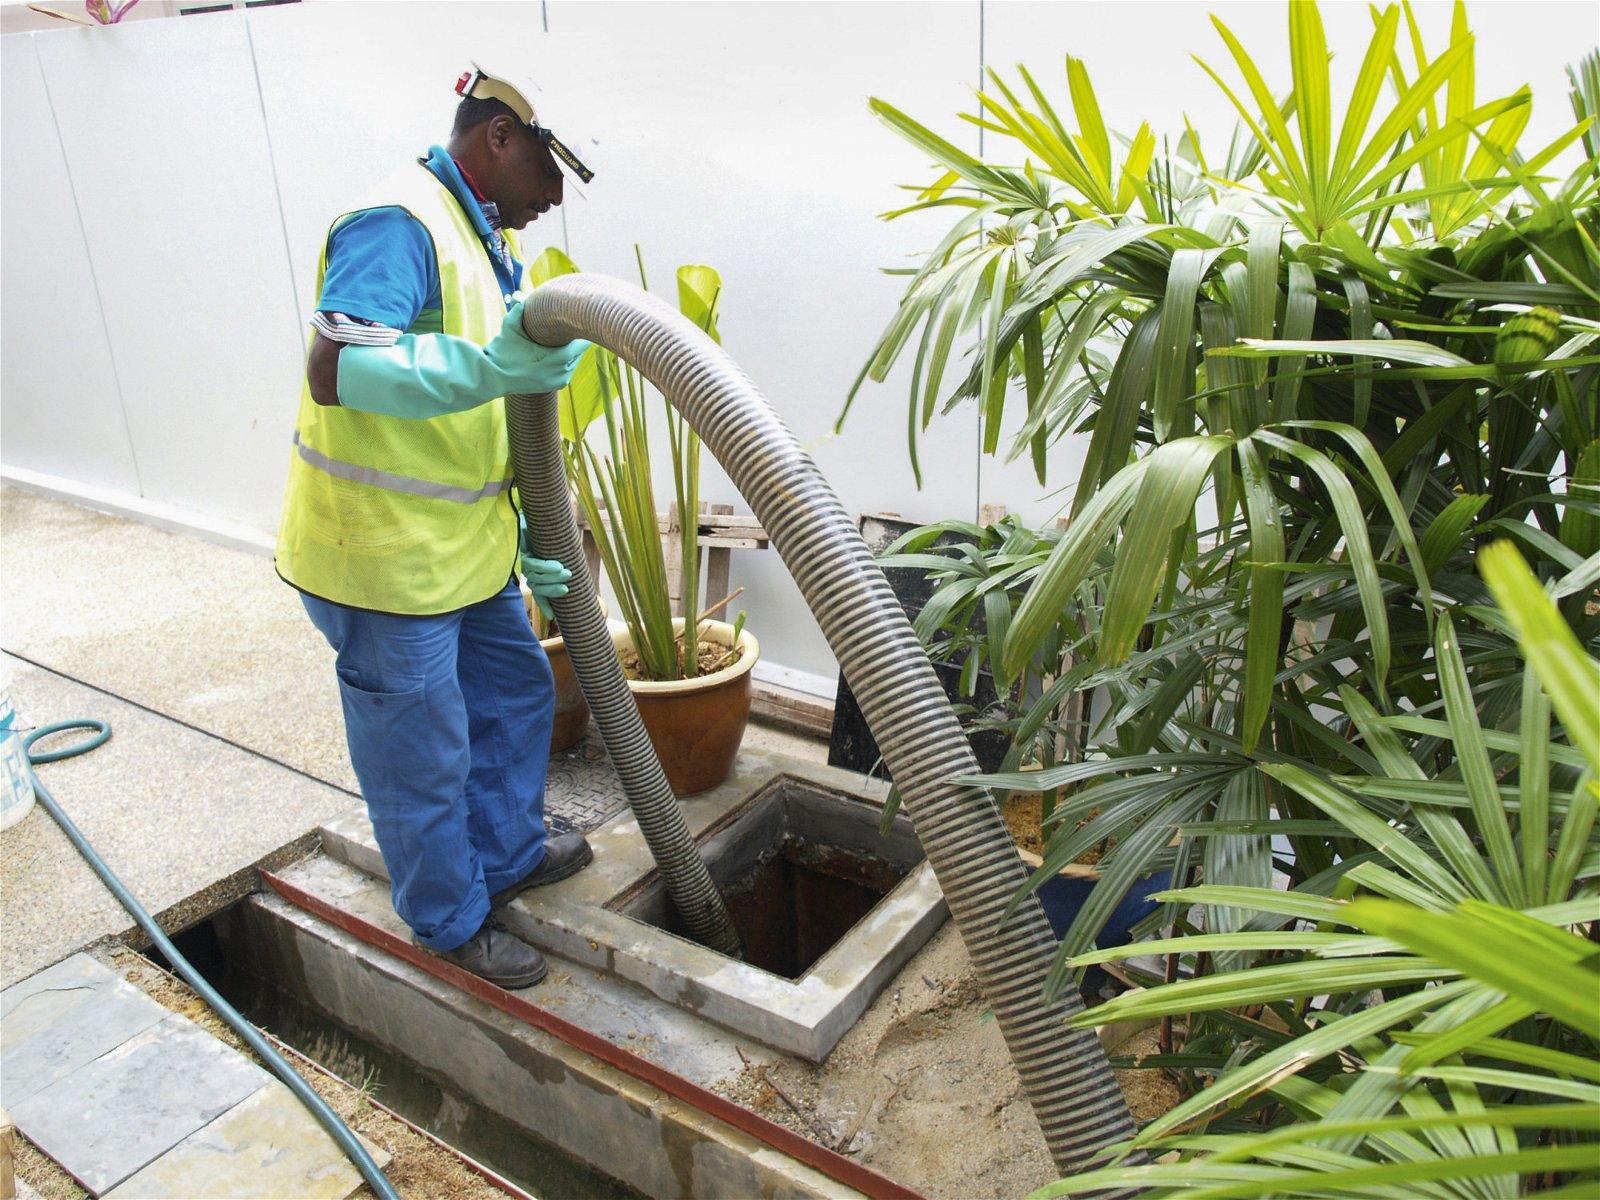 个别粪池须定期清理,以确保能正常运作,防止污水流入河流。